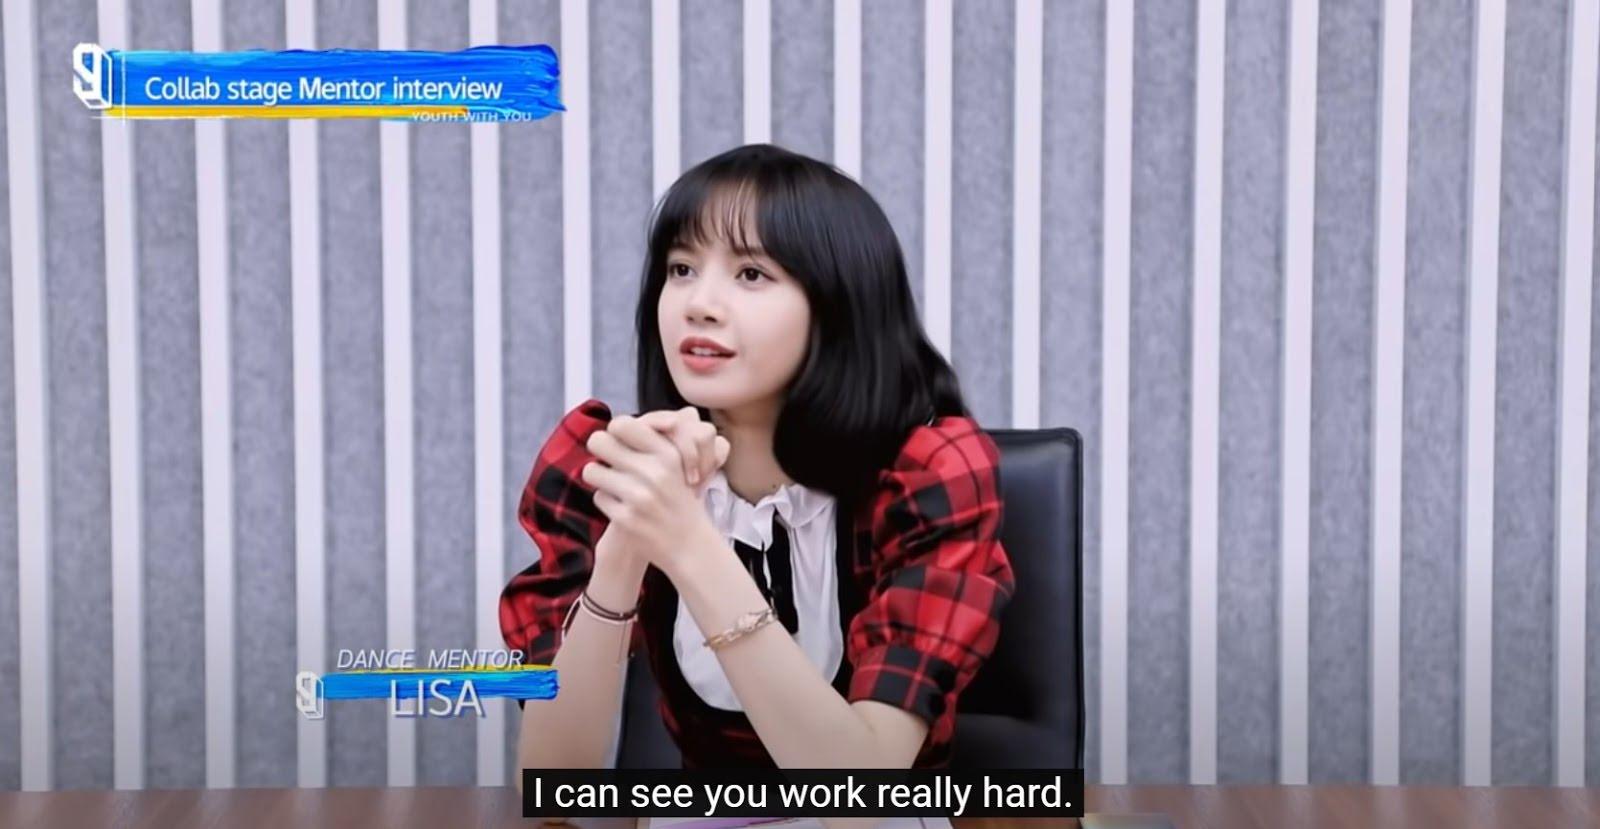 lisa hard work